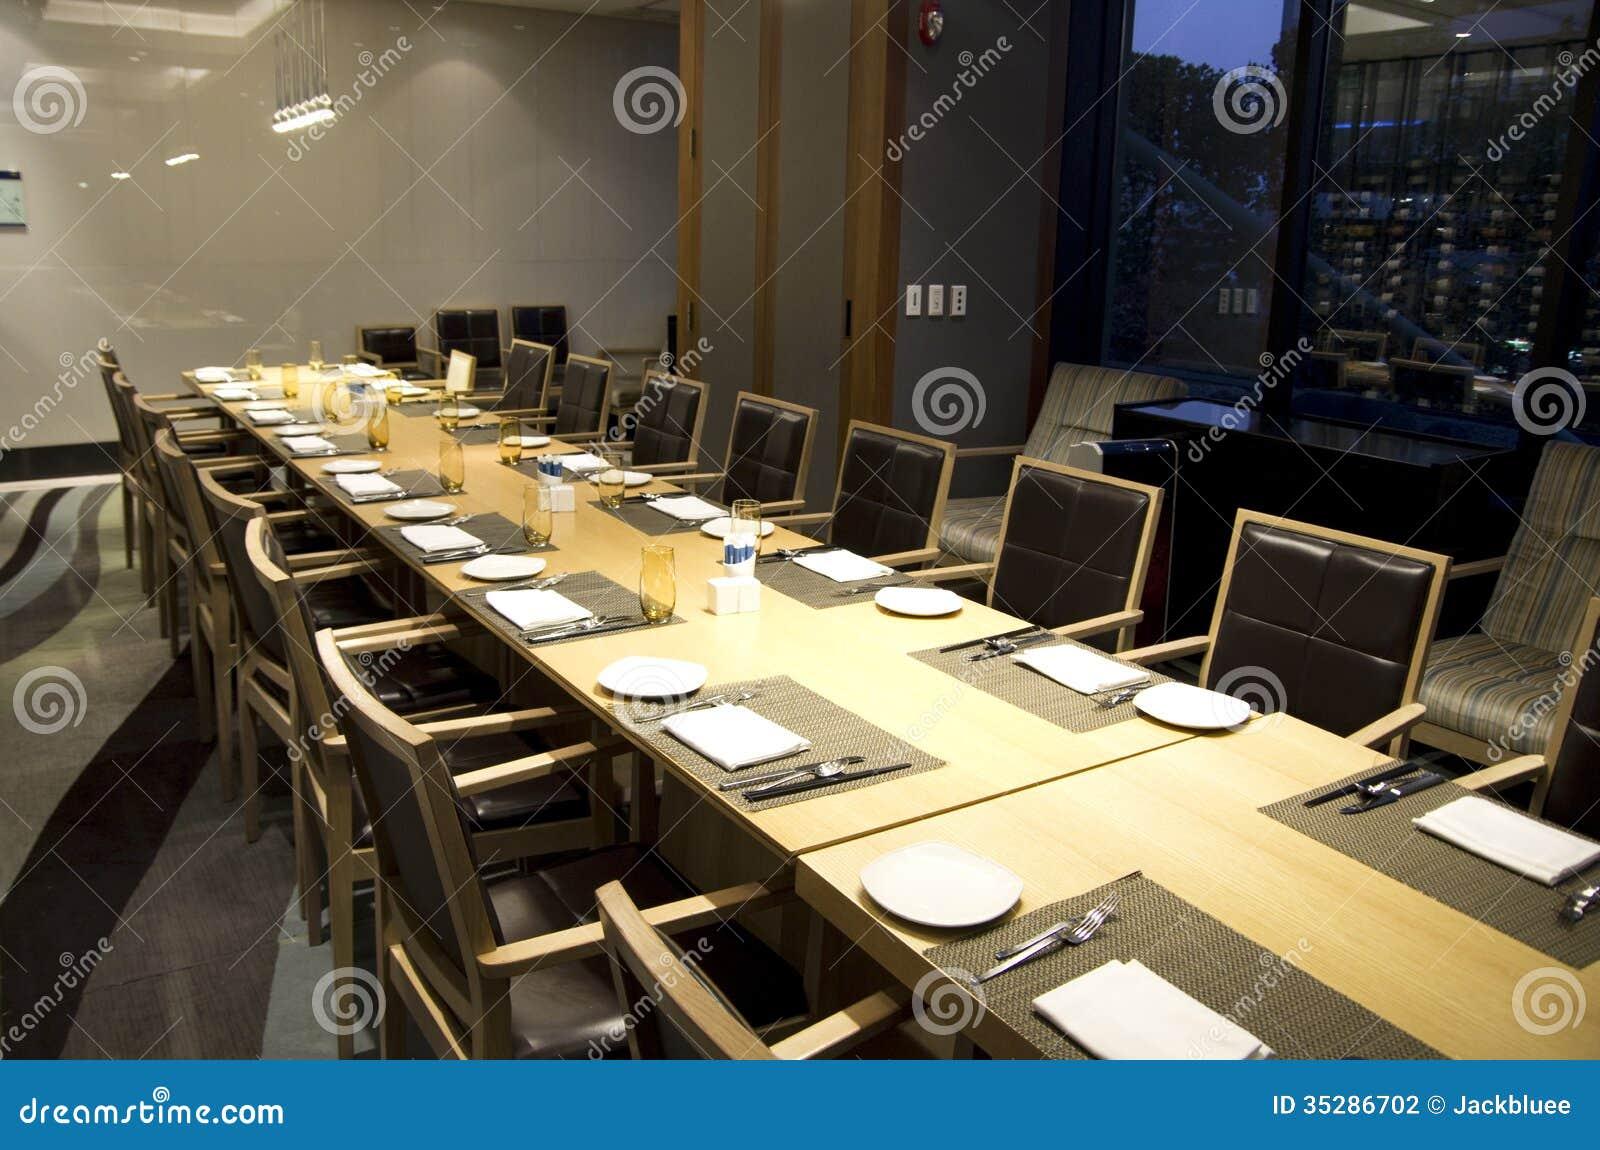 Table de salle manger de r union d 39 affaires dans le - Table de restaurant ...